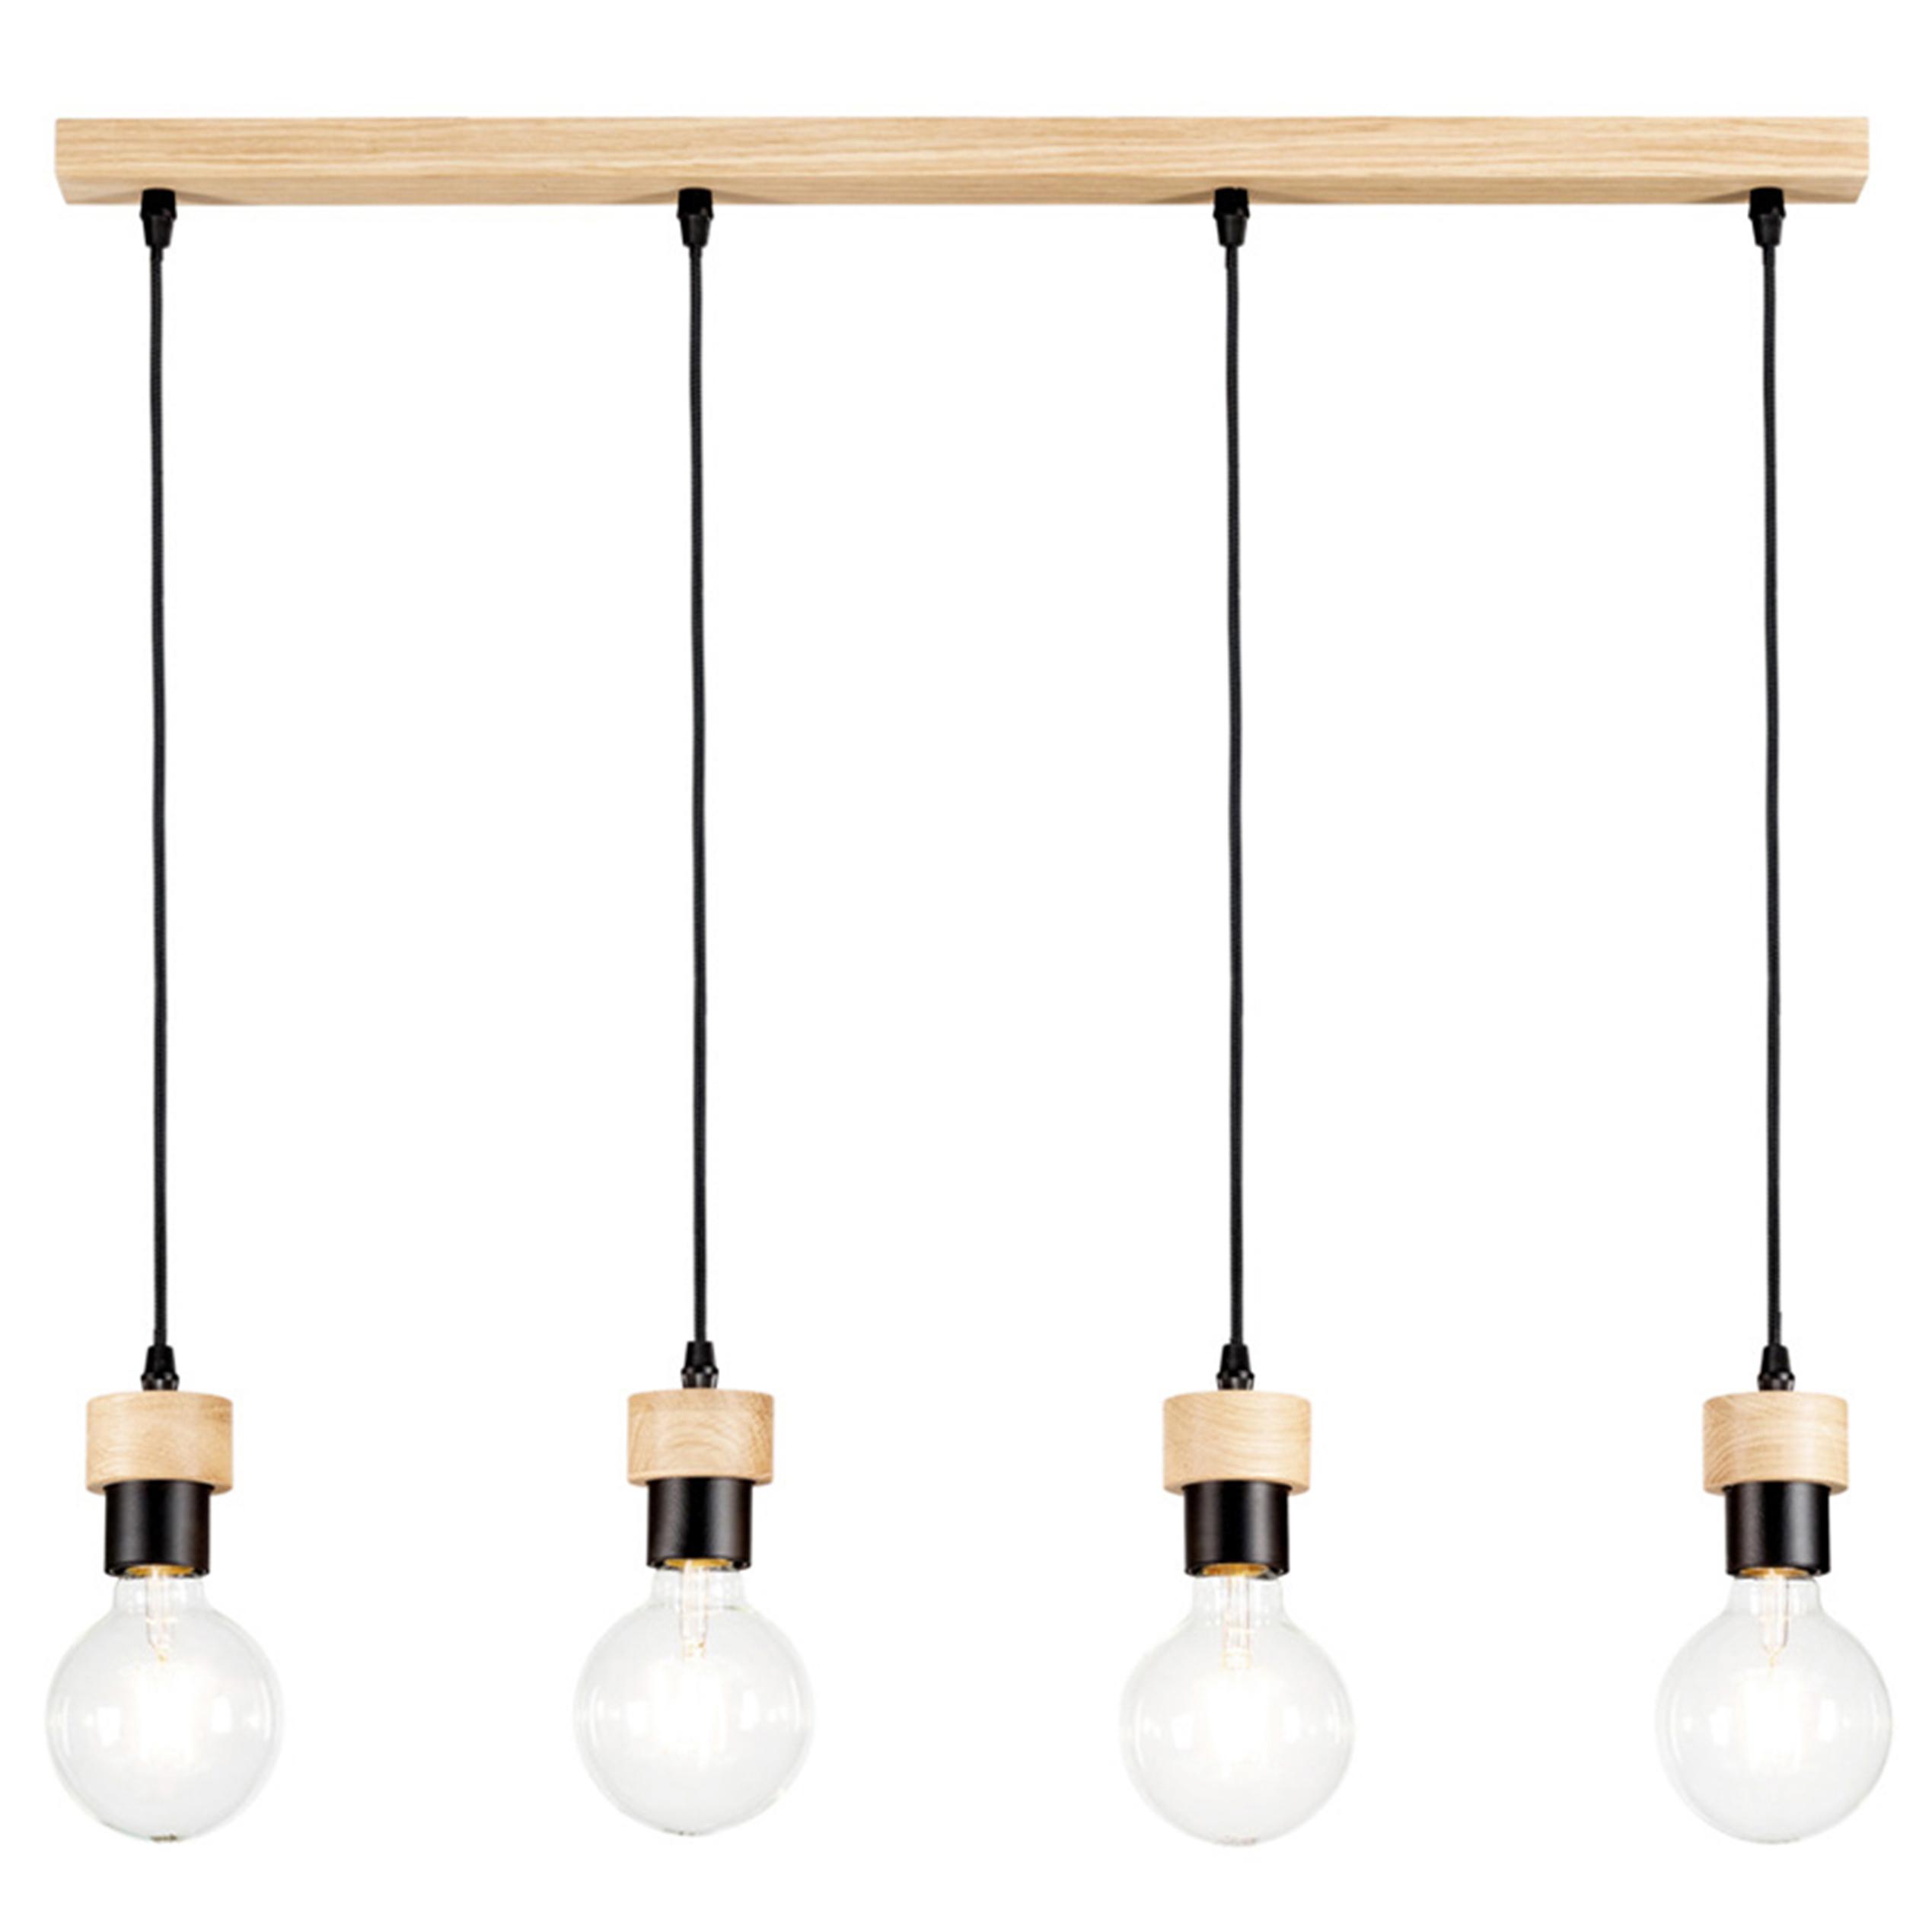 Suspension en bois 4 ampoules